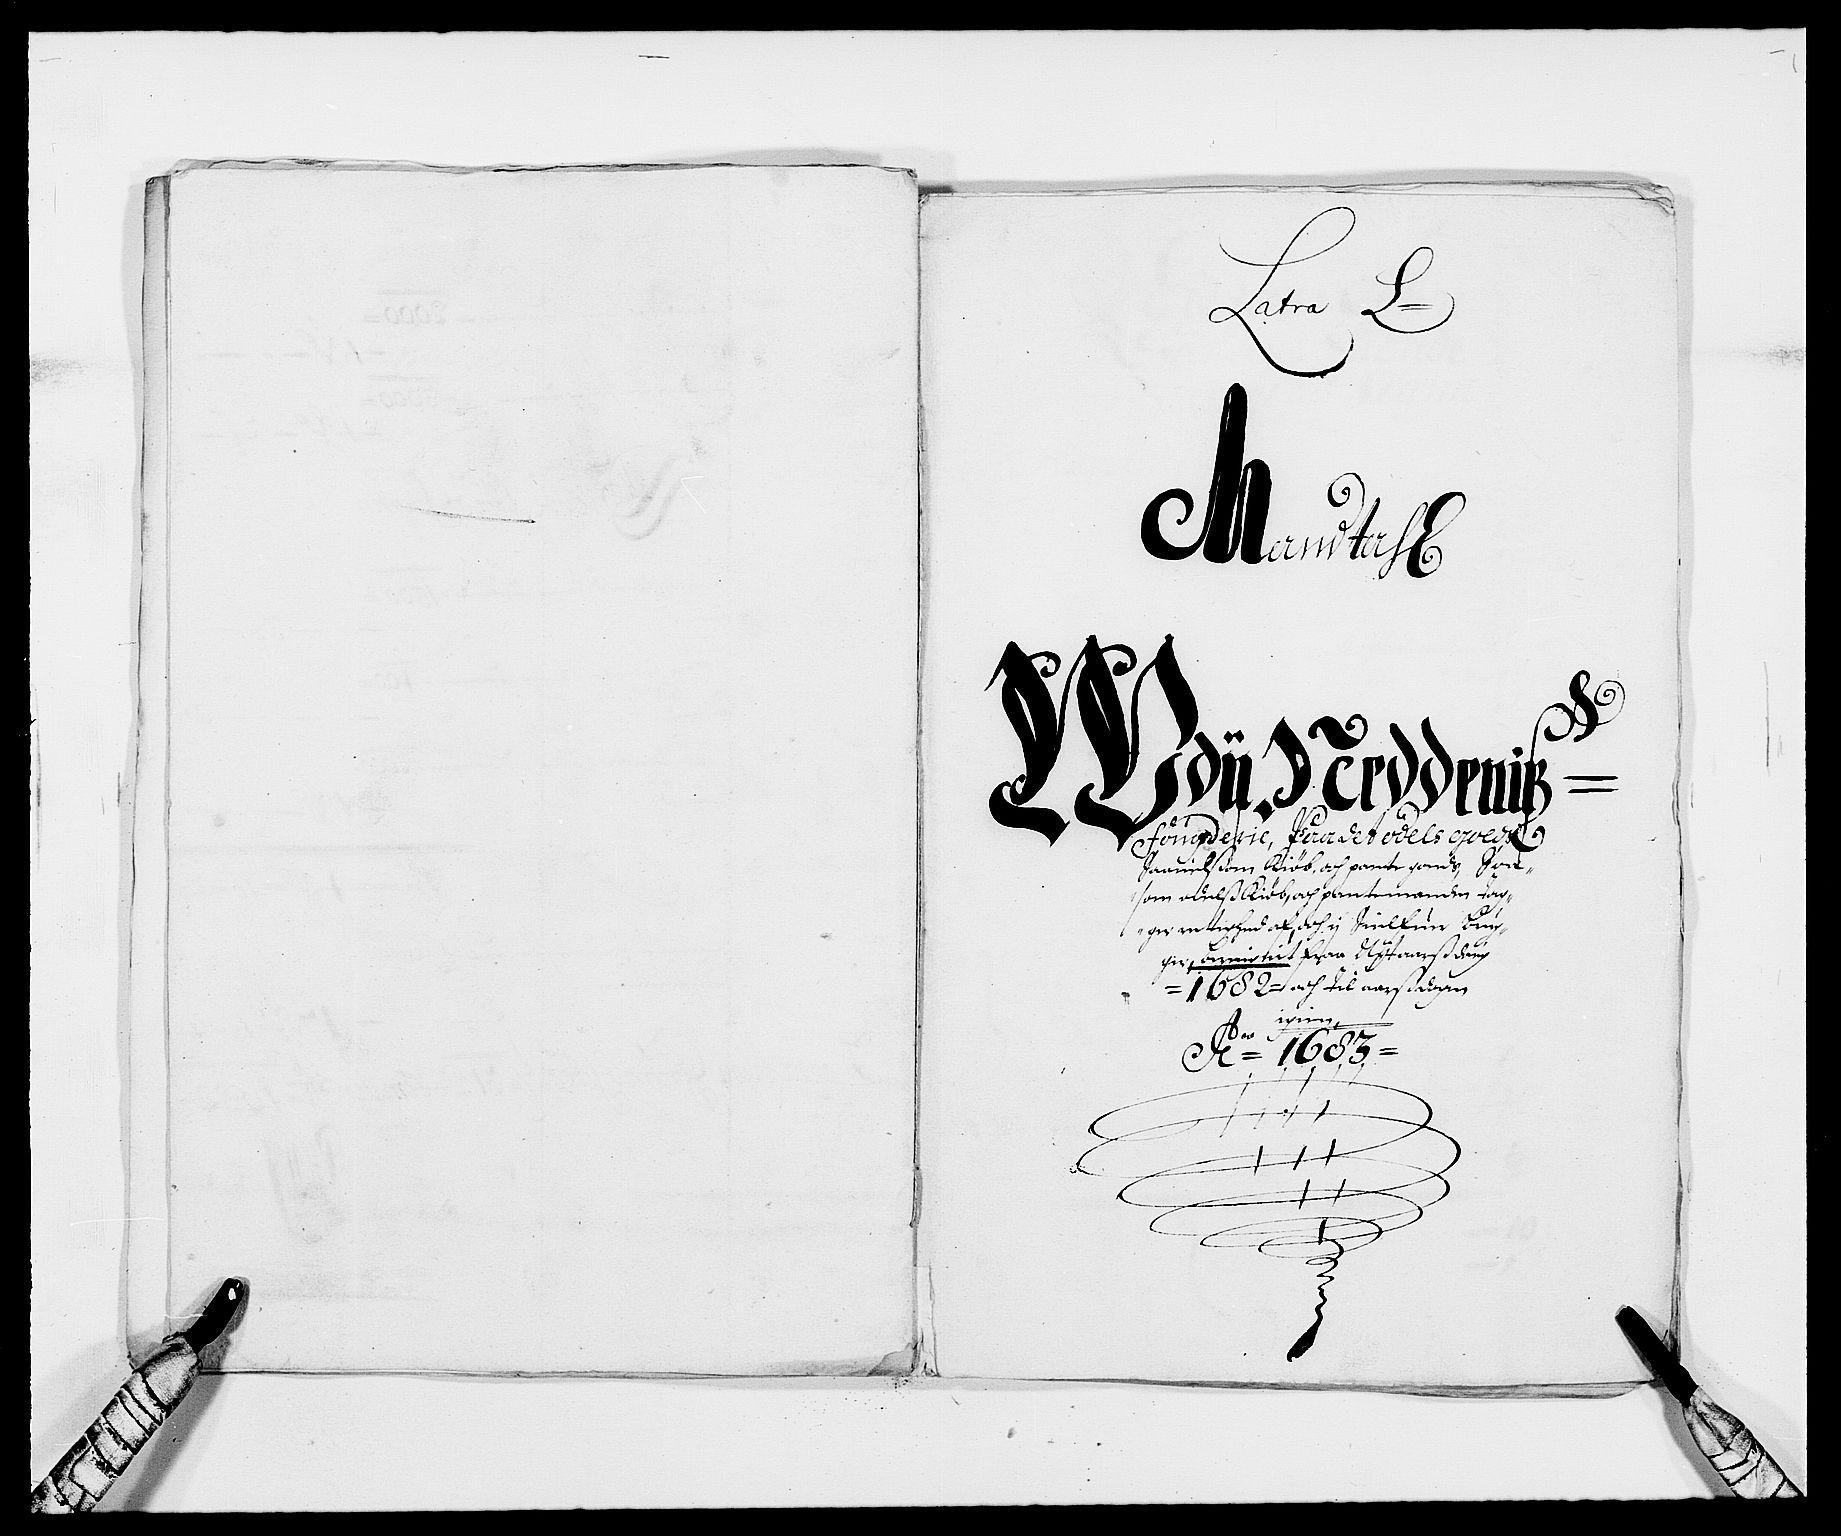 RA, Rentekammeret inntil 1814, Reviderte regnskaper, Fogderegnskap, R39/L2304: Fogderegnskap Nedenes, 1680-1682, s. 305